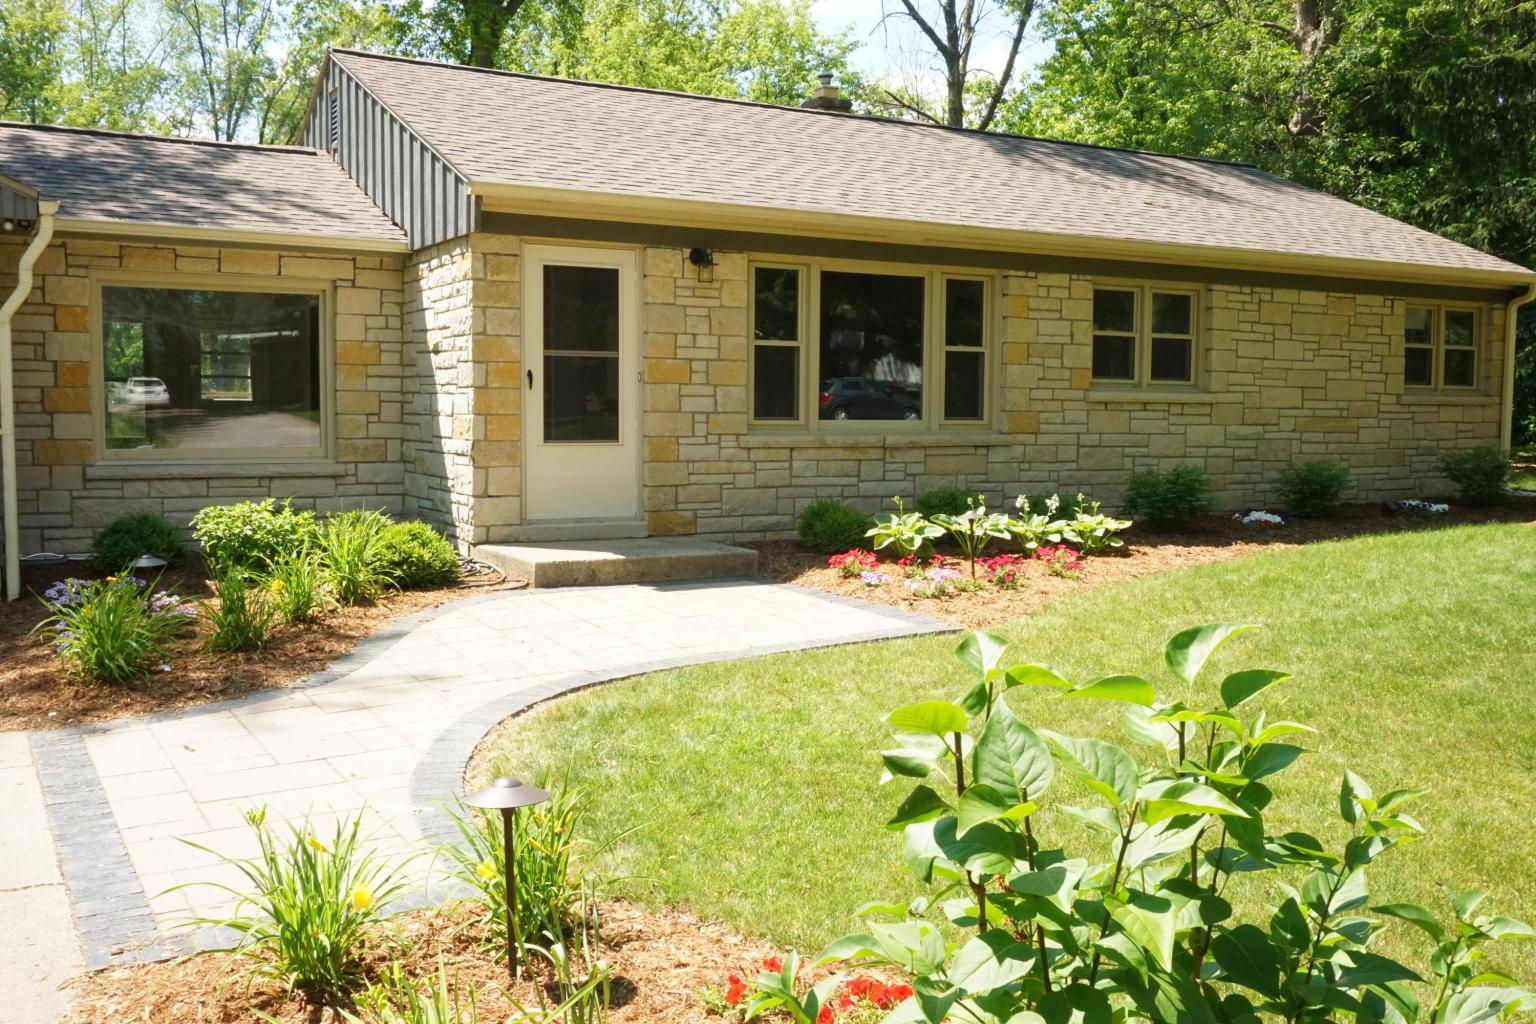 2625 El Rancho Dr, Brookfield, Wisconsin 53005, 3 Bedrooms Bedrooms, 6 Rooms Rooms,2 BathroomsBathrooms,Single-Family,For Sale,El Rancho Dr,1695098